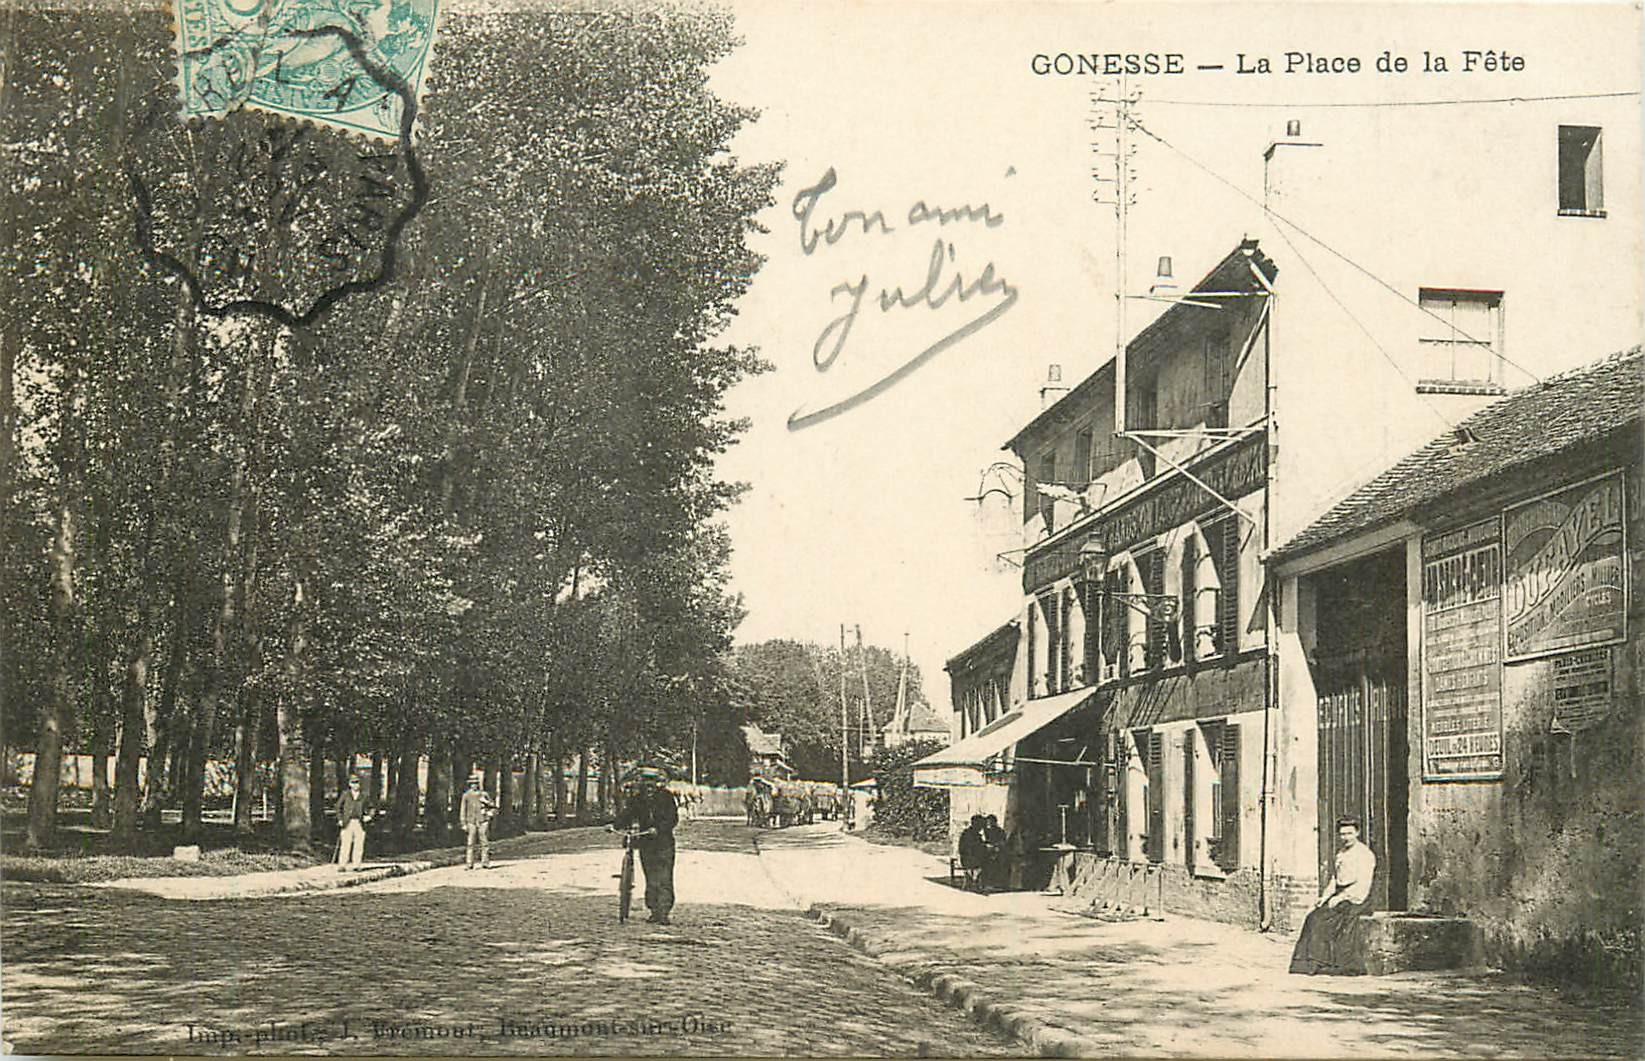 95 GONESSE. Café Auberge Place des Fêtes 1907